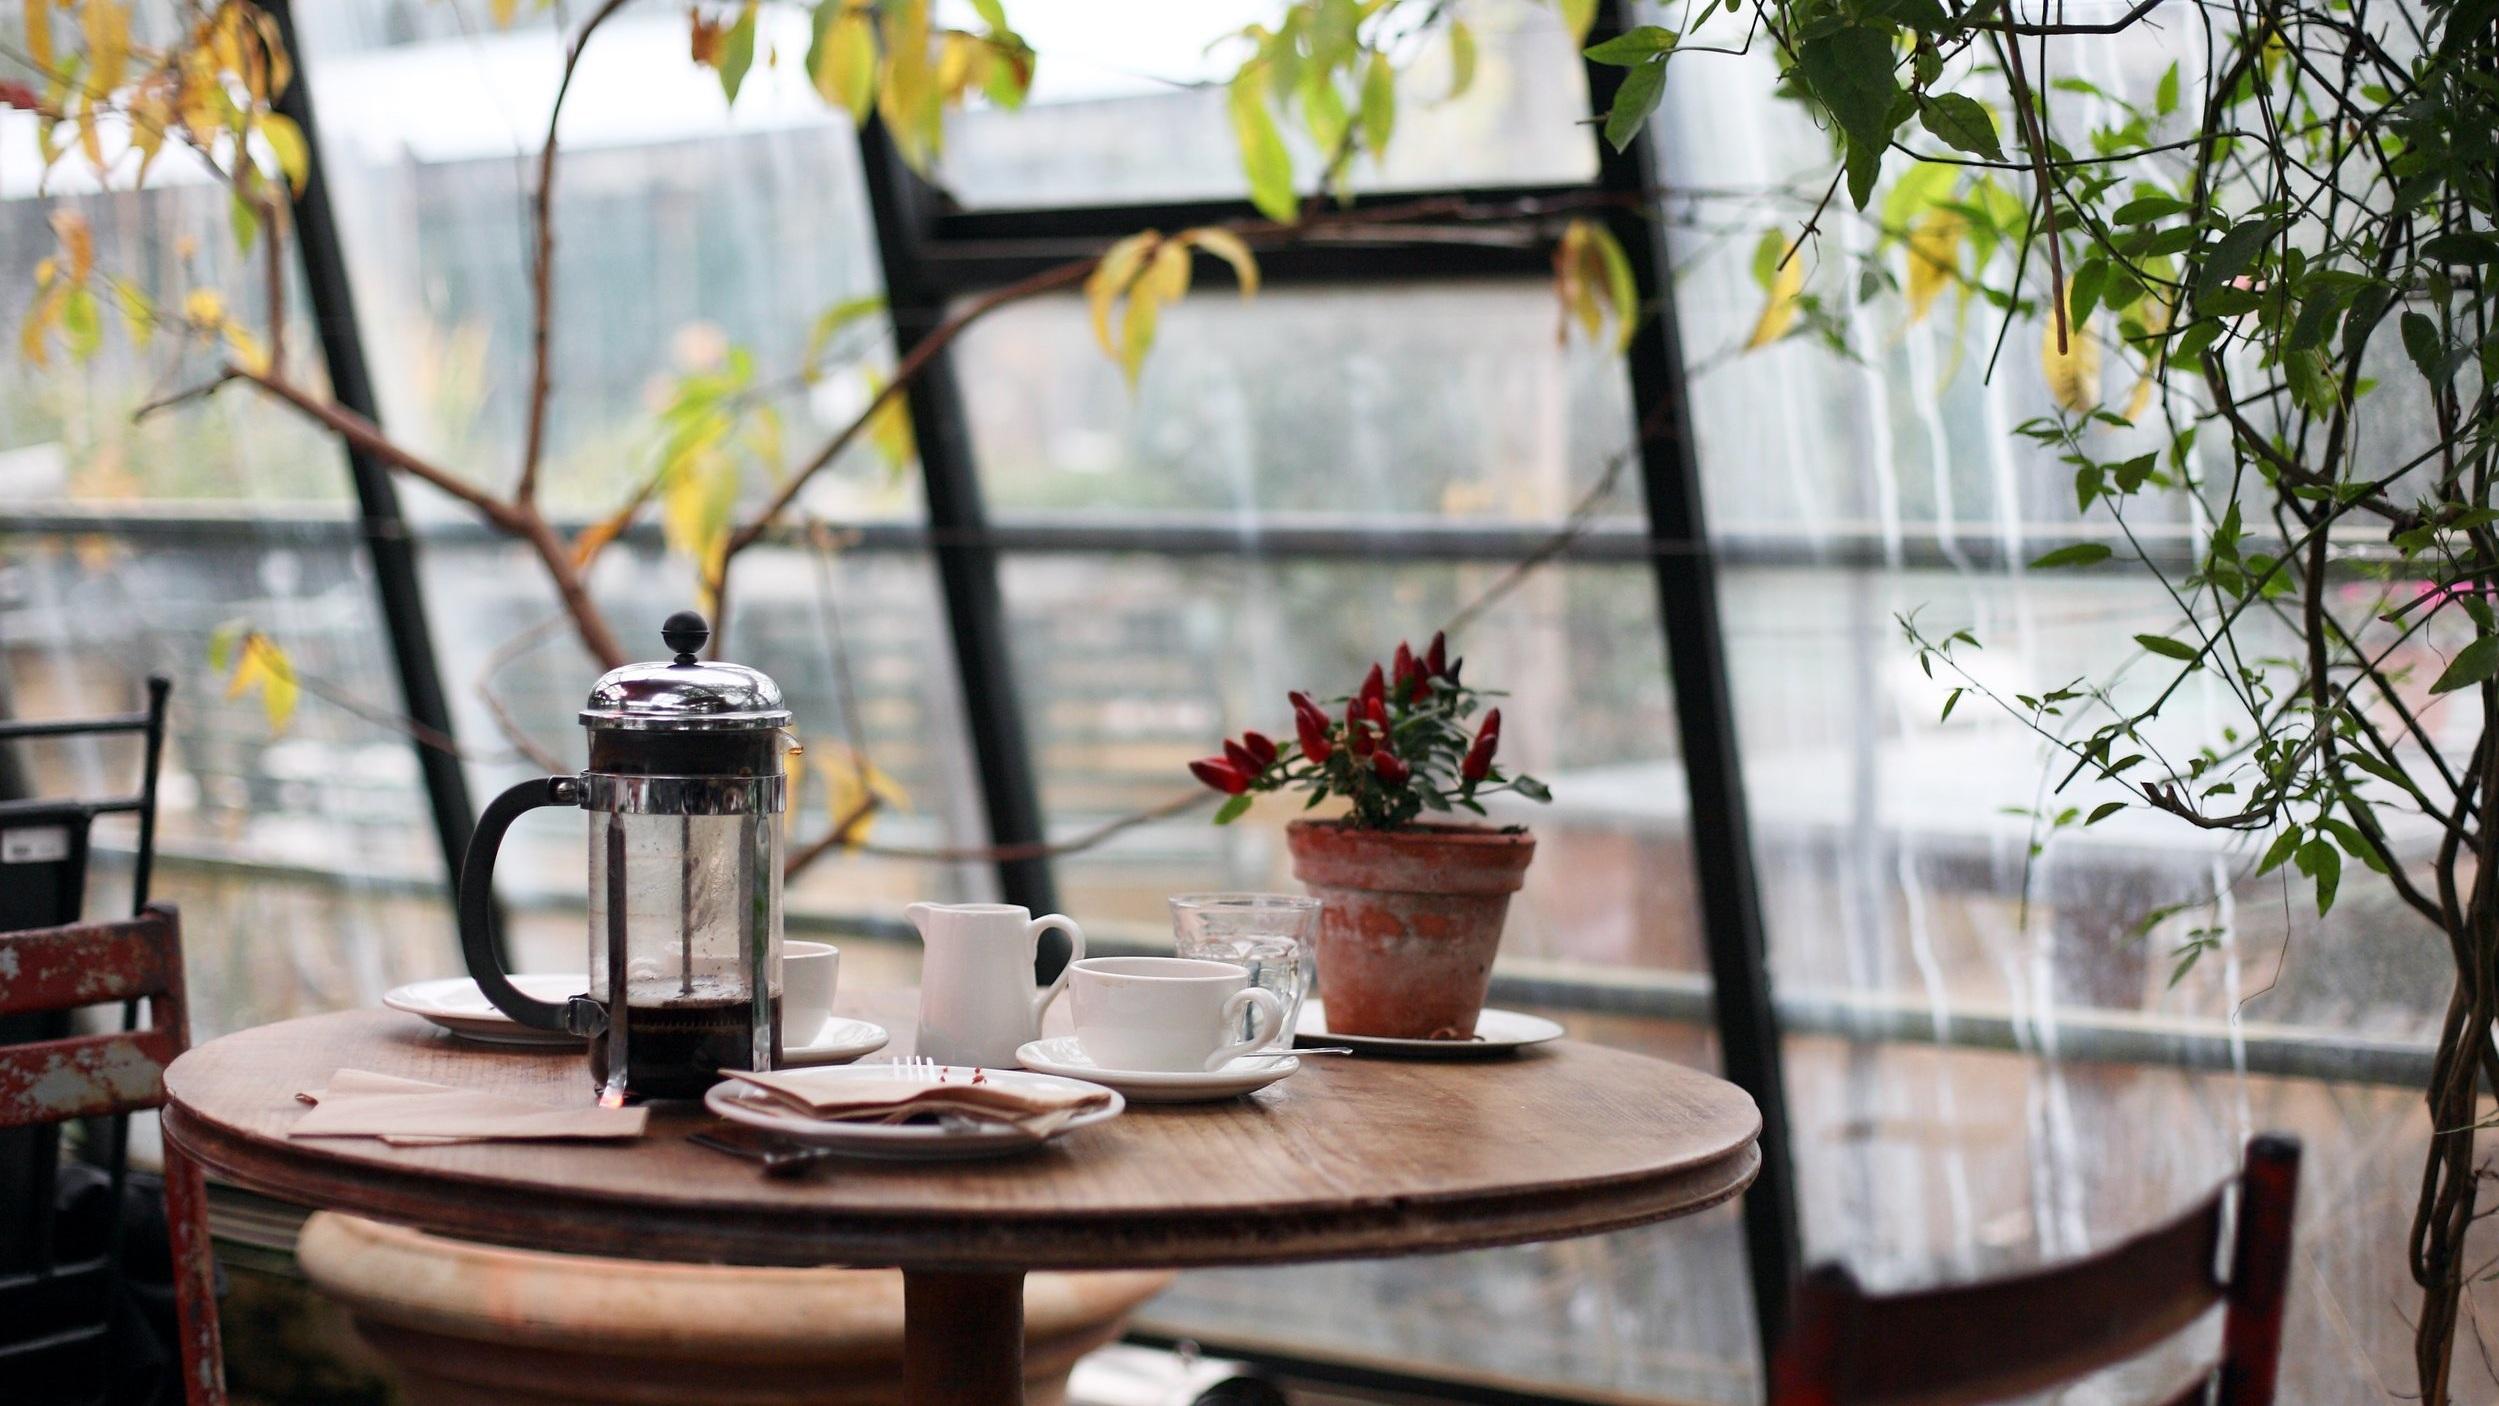 kafe_stemningsbilde.jpg